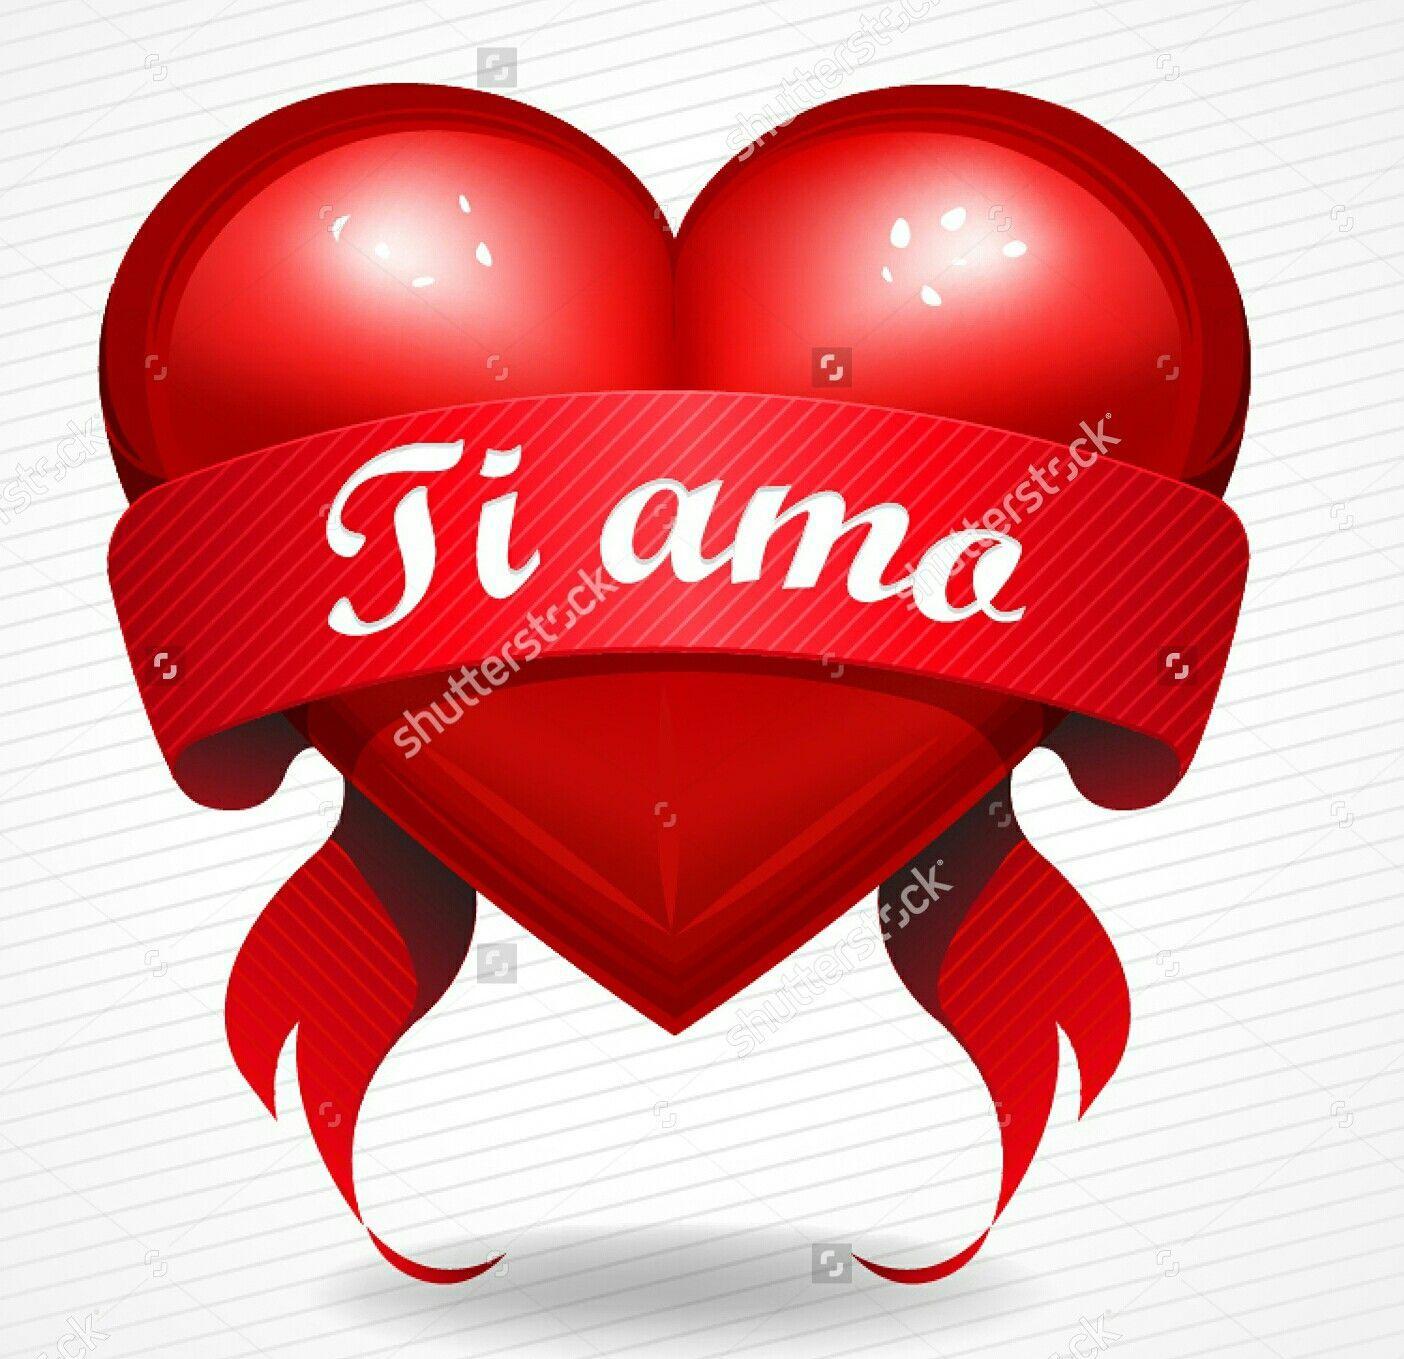 Ti Amo X Sempre Ti Amo Immagini Amo Immagini Sempre Ti X